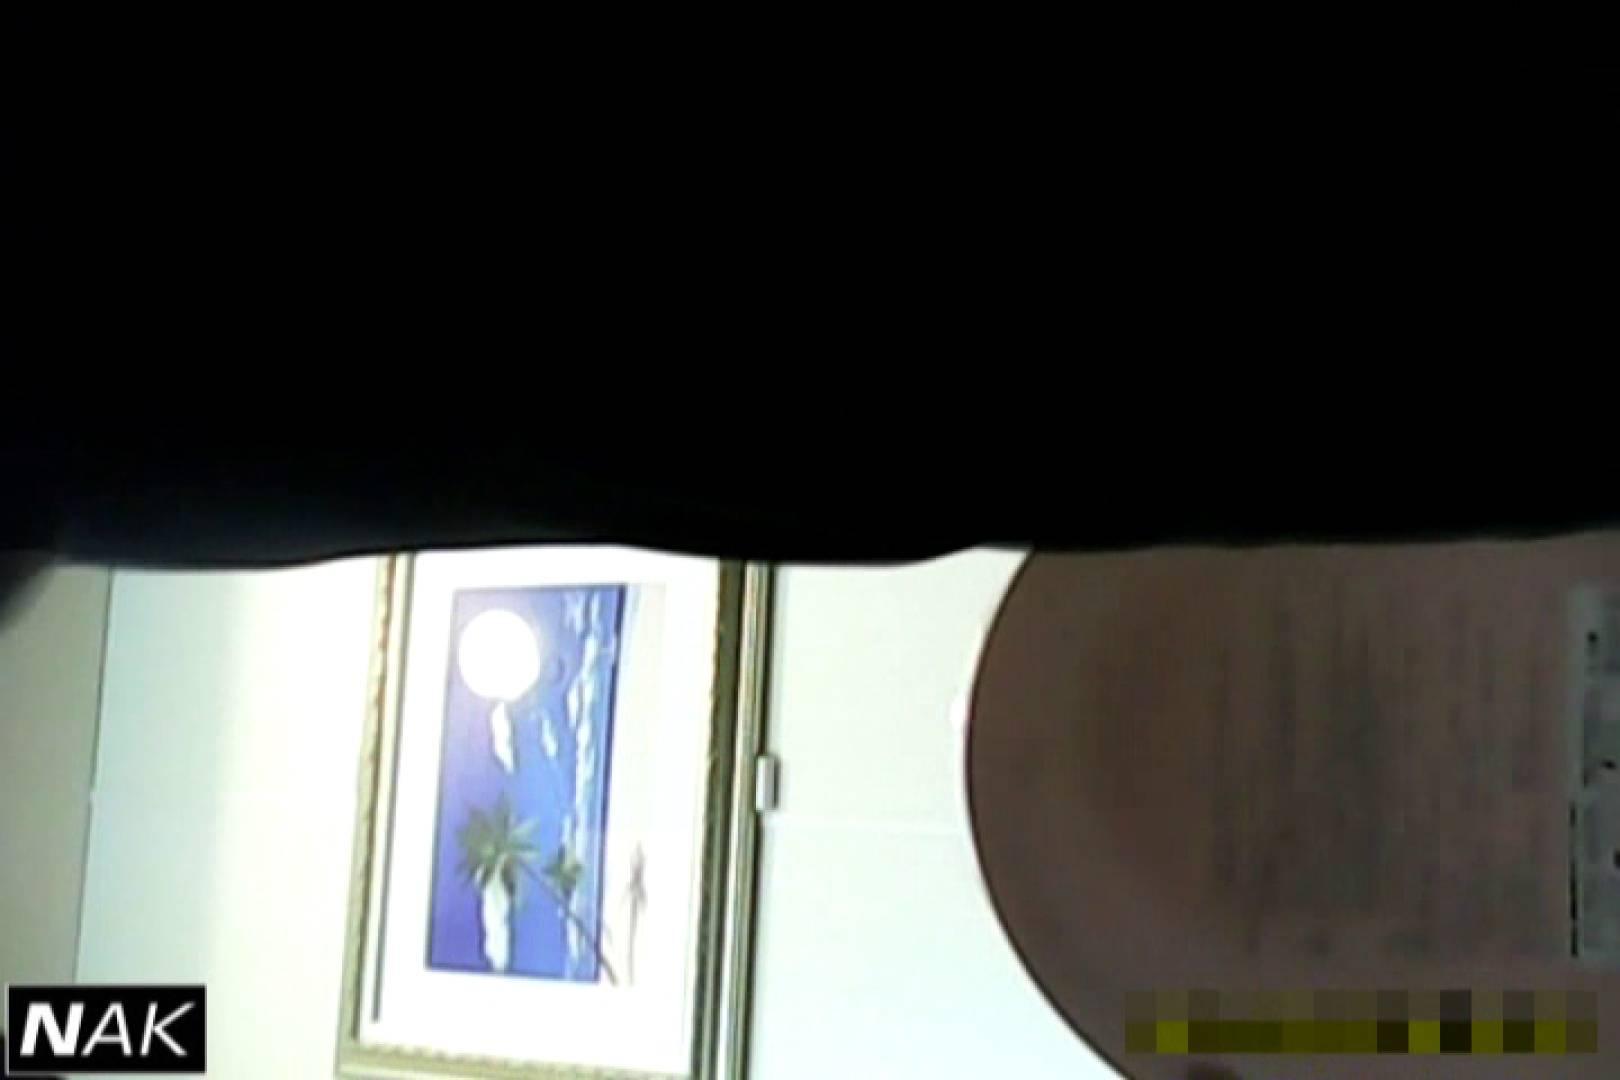 超高画質5000K!脅威の1点集中かわや! vol.01 盗撮師作品 隠し撮りオマンコ動画紹介 89pic 20